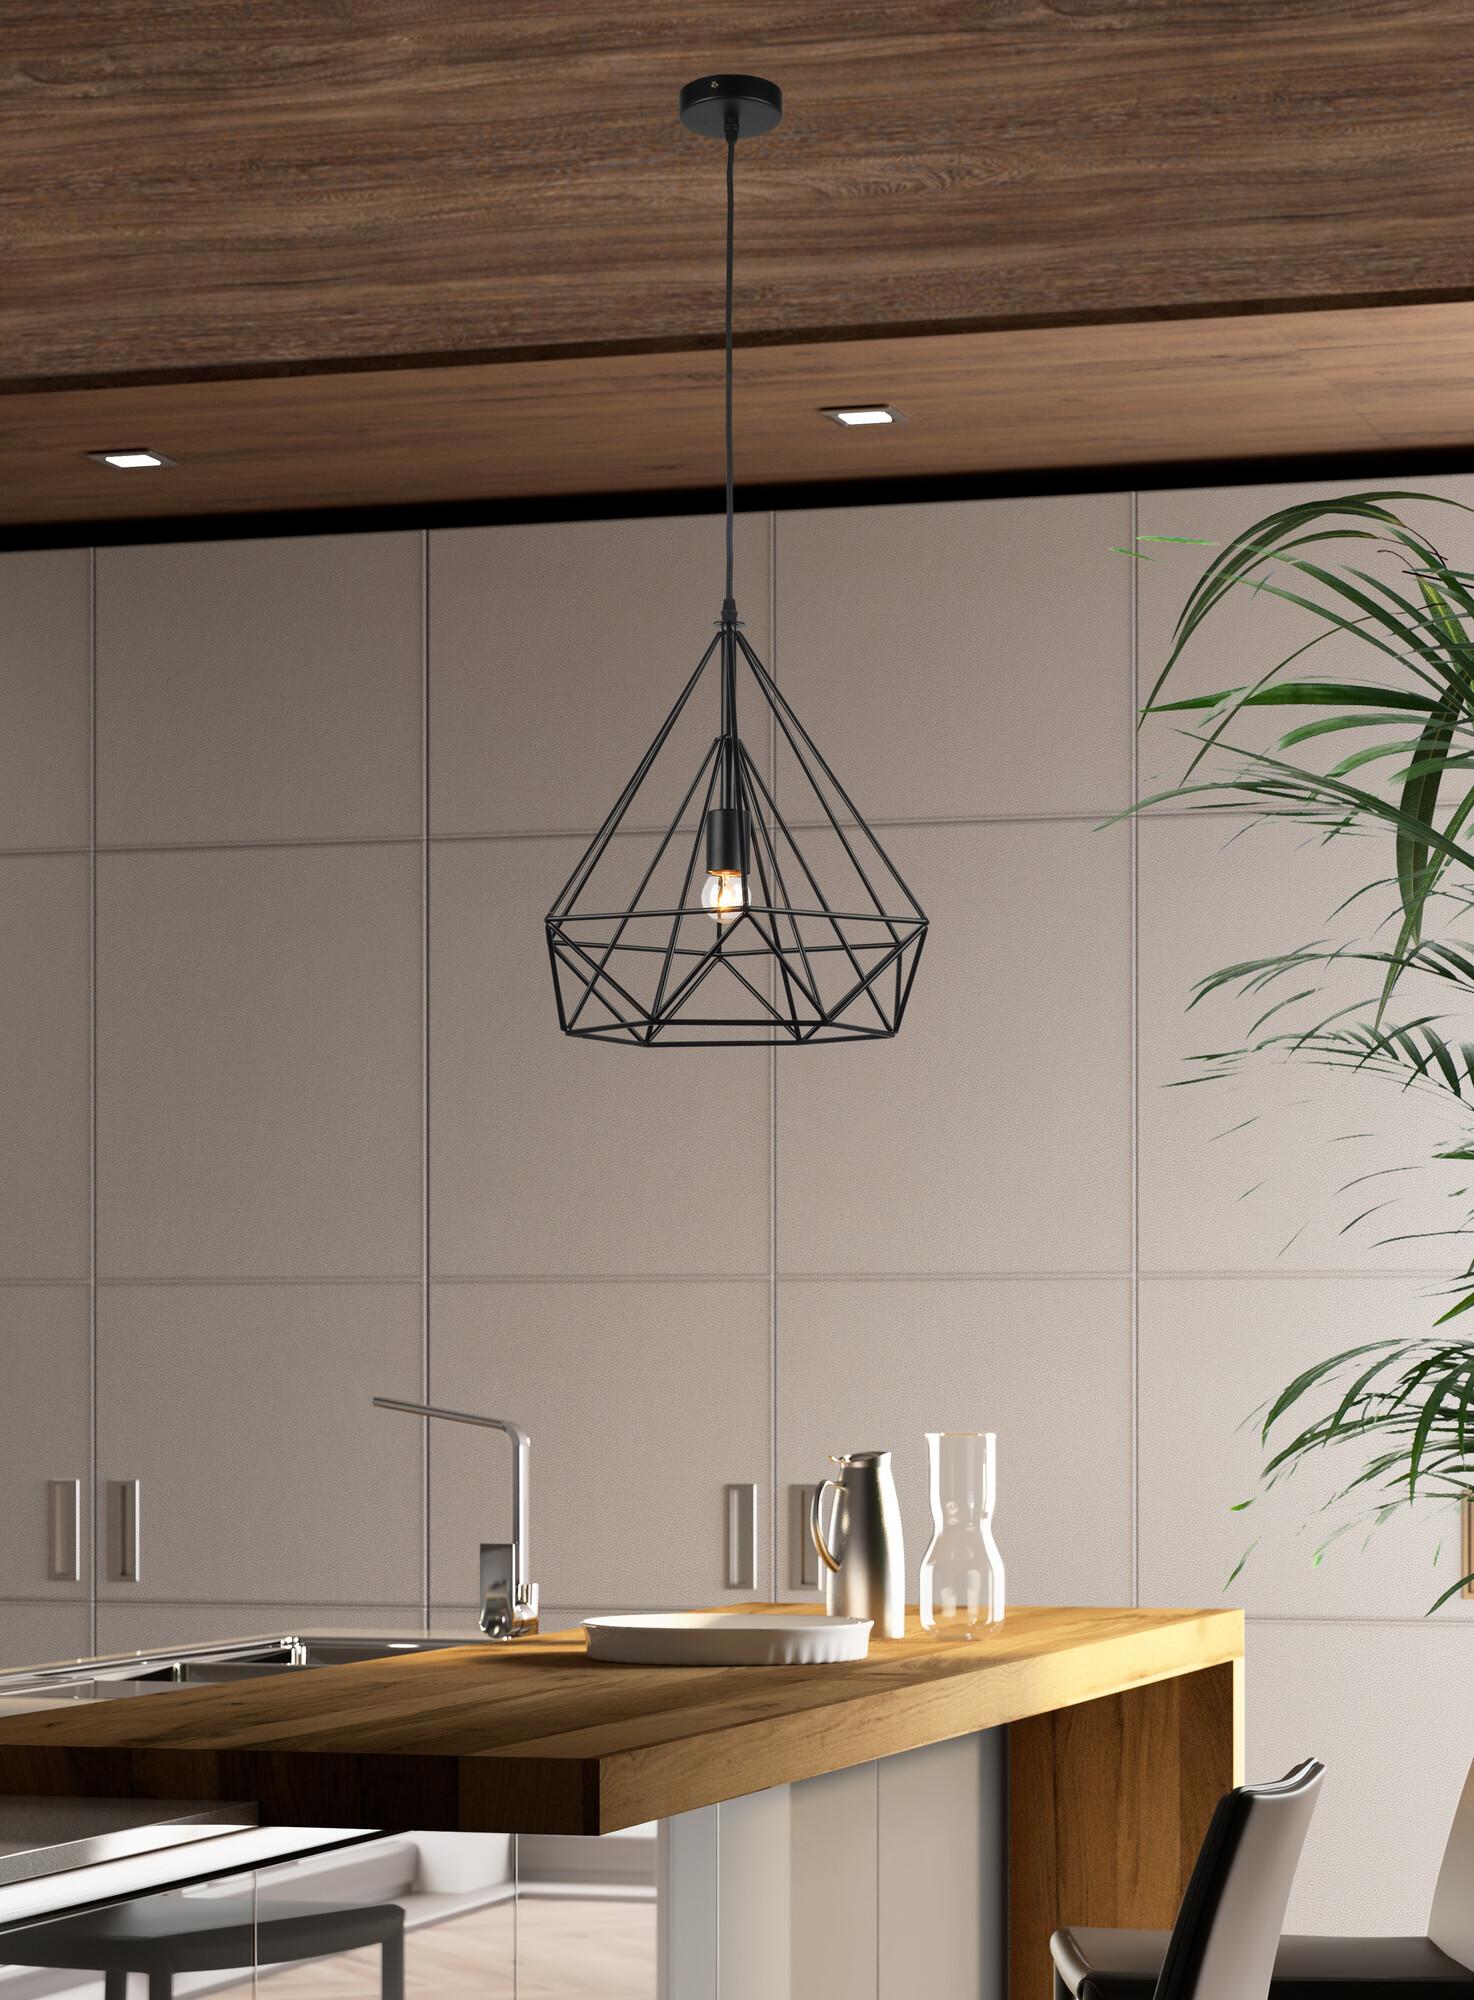 ARTY Hanglamp E27 1x Zwart